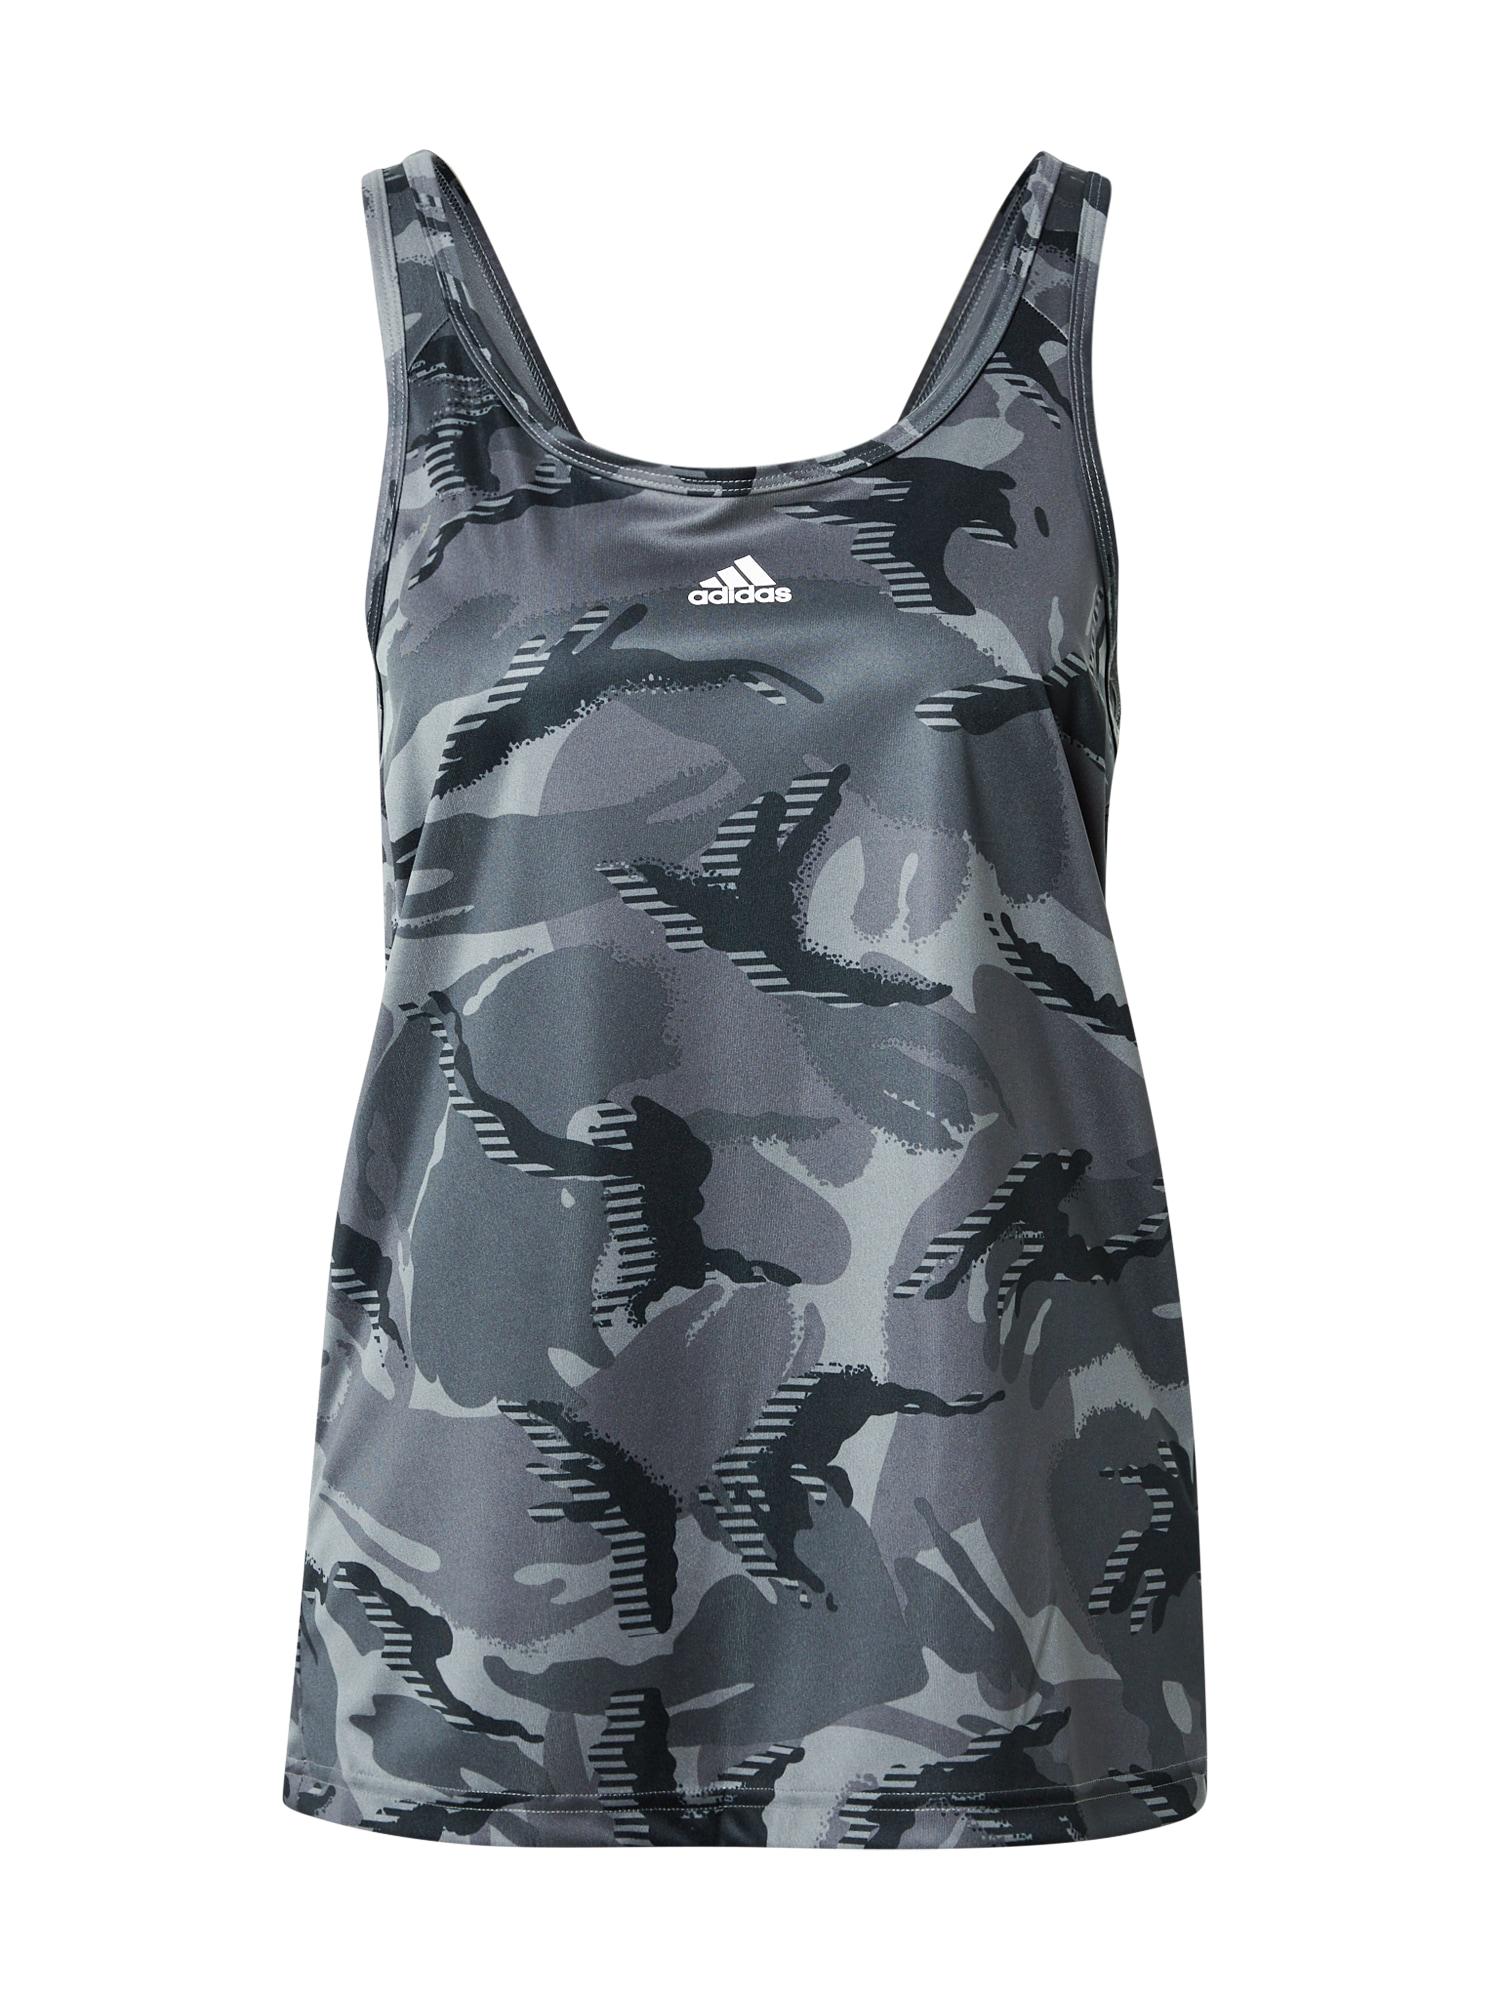 ADIDAS PERFORMANCE Sportiniai marškinėliai be rankovių balta / bazalto pilka / antracito